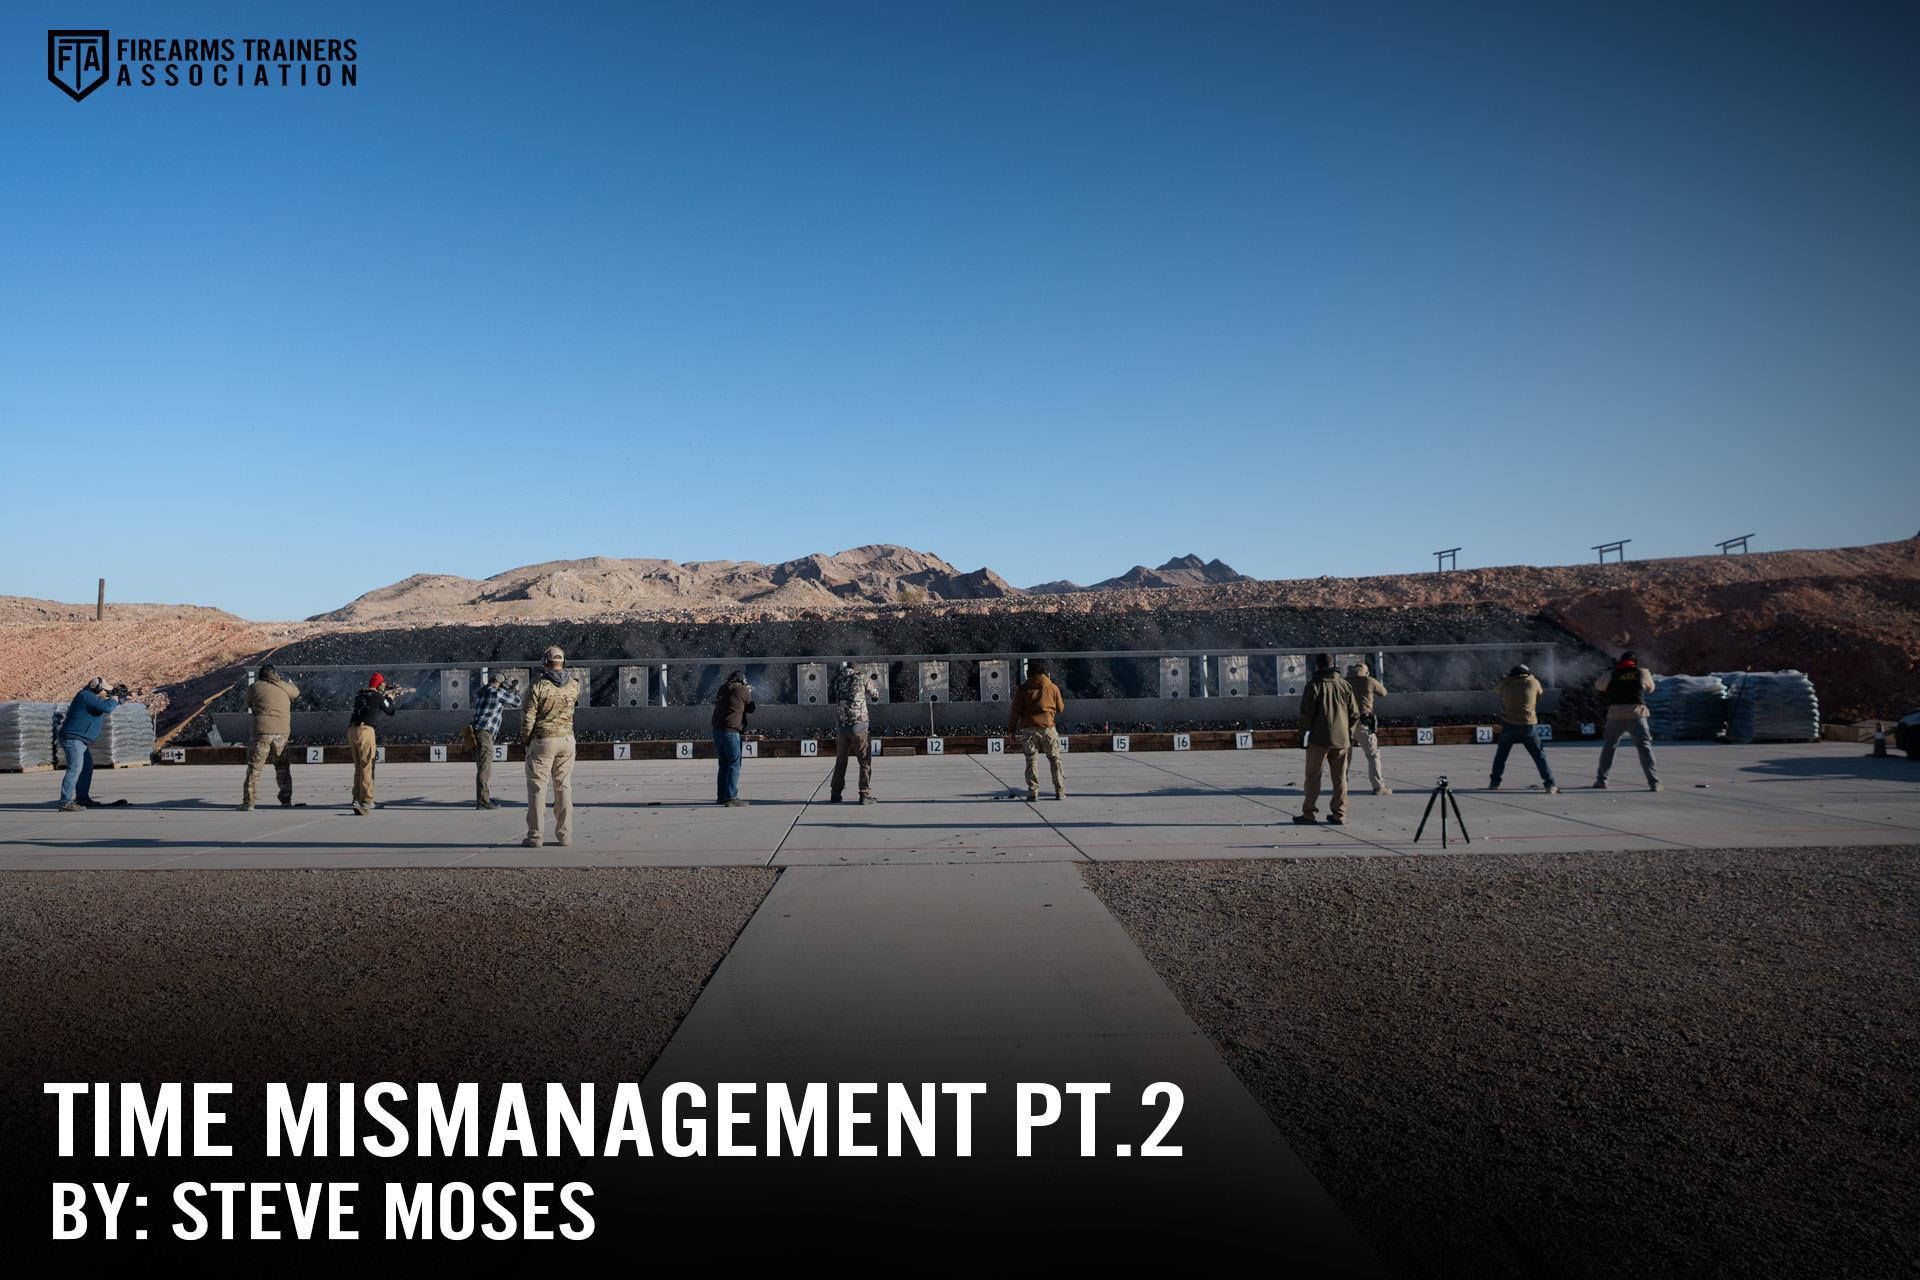 TIME MISMANAGEMENT PT.2